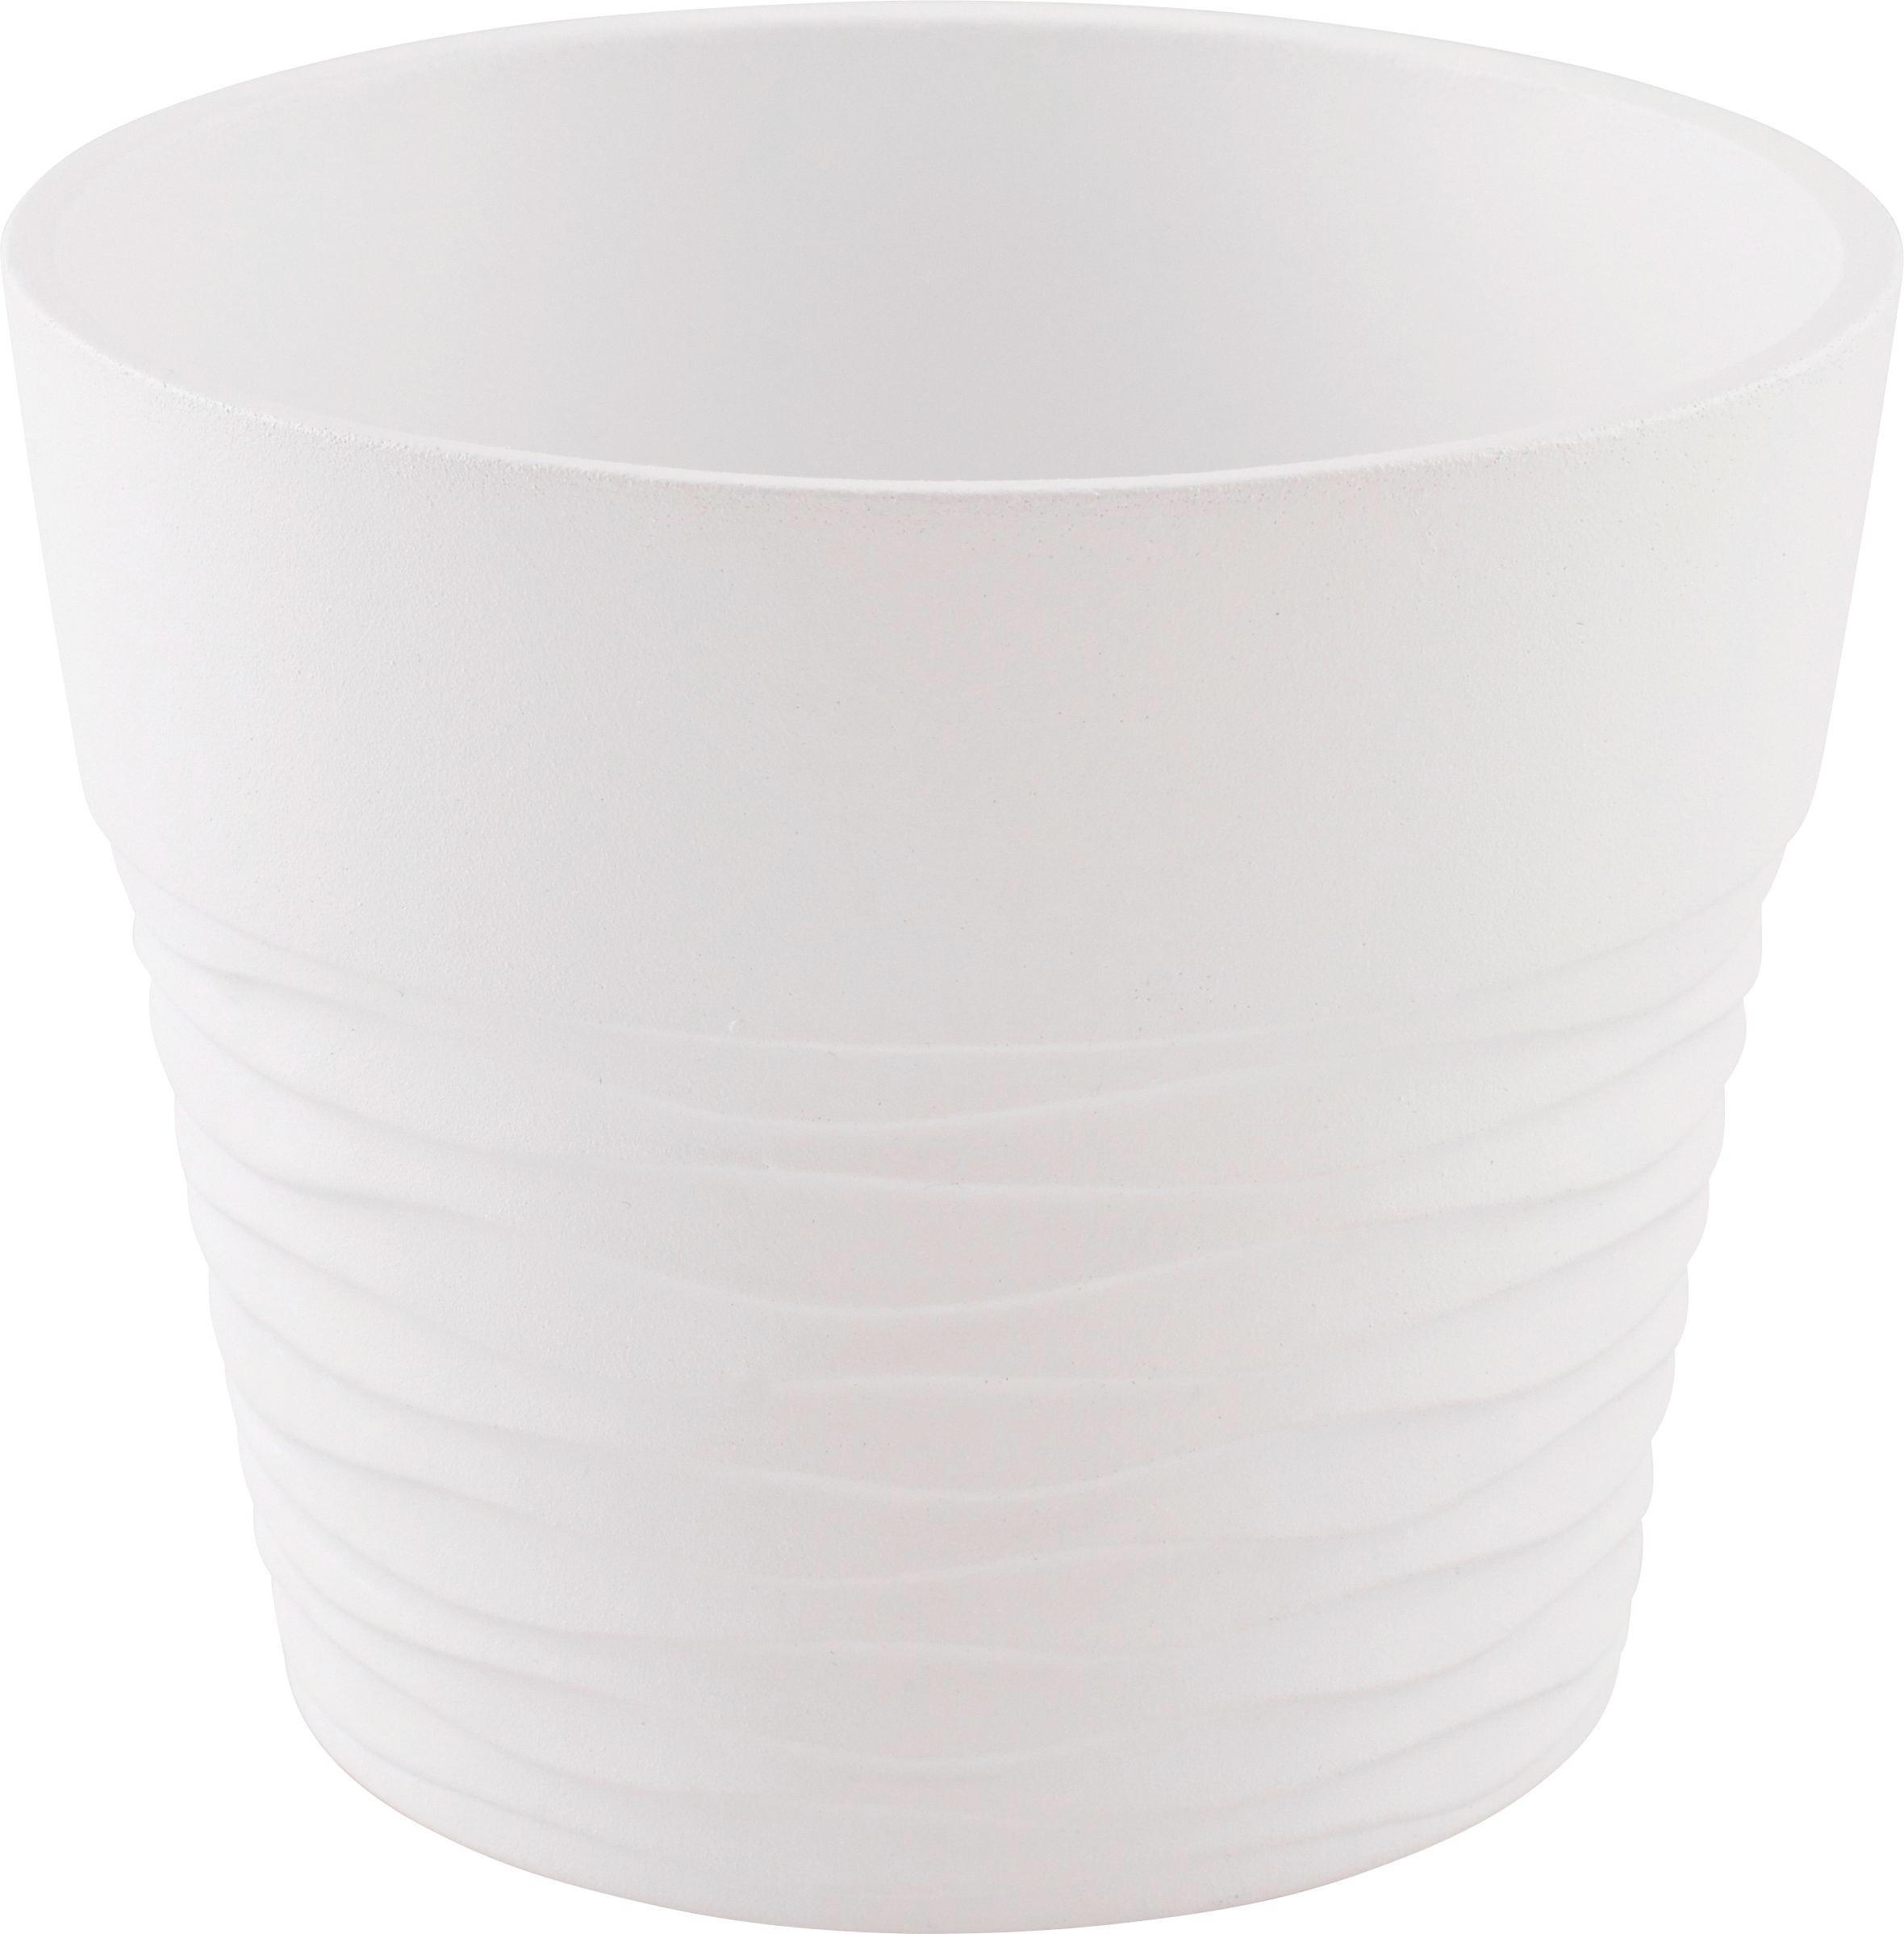 Kaspó Cecil - barnásszürke/fehér, konvencionális, kerámia (15/12cm) - OMBRA